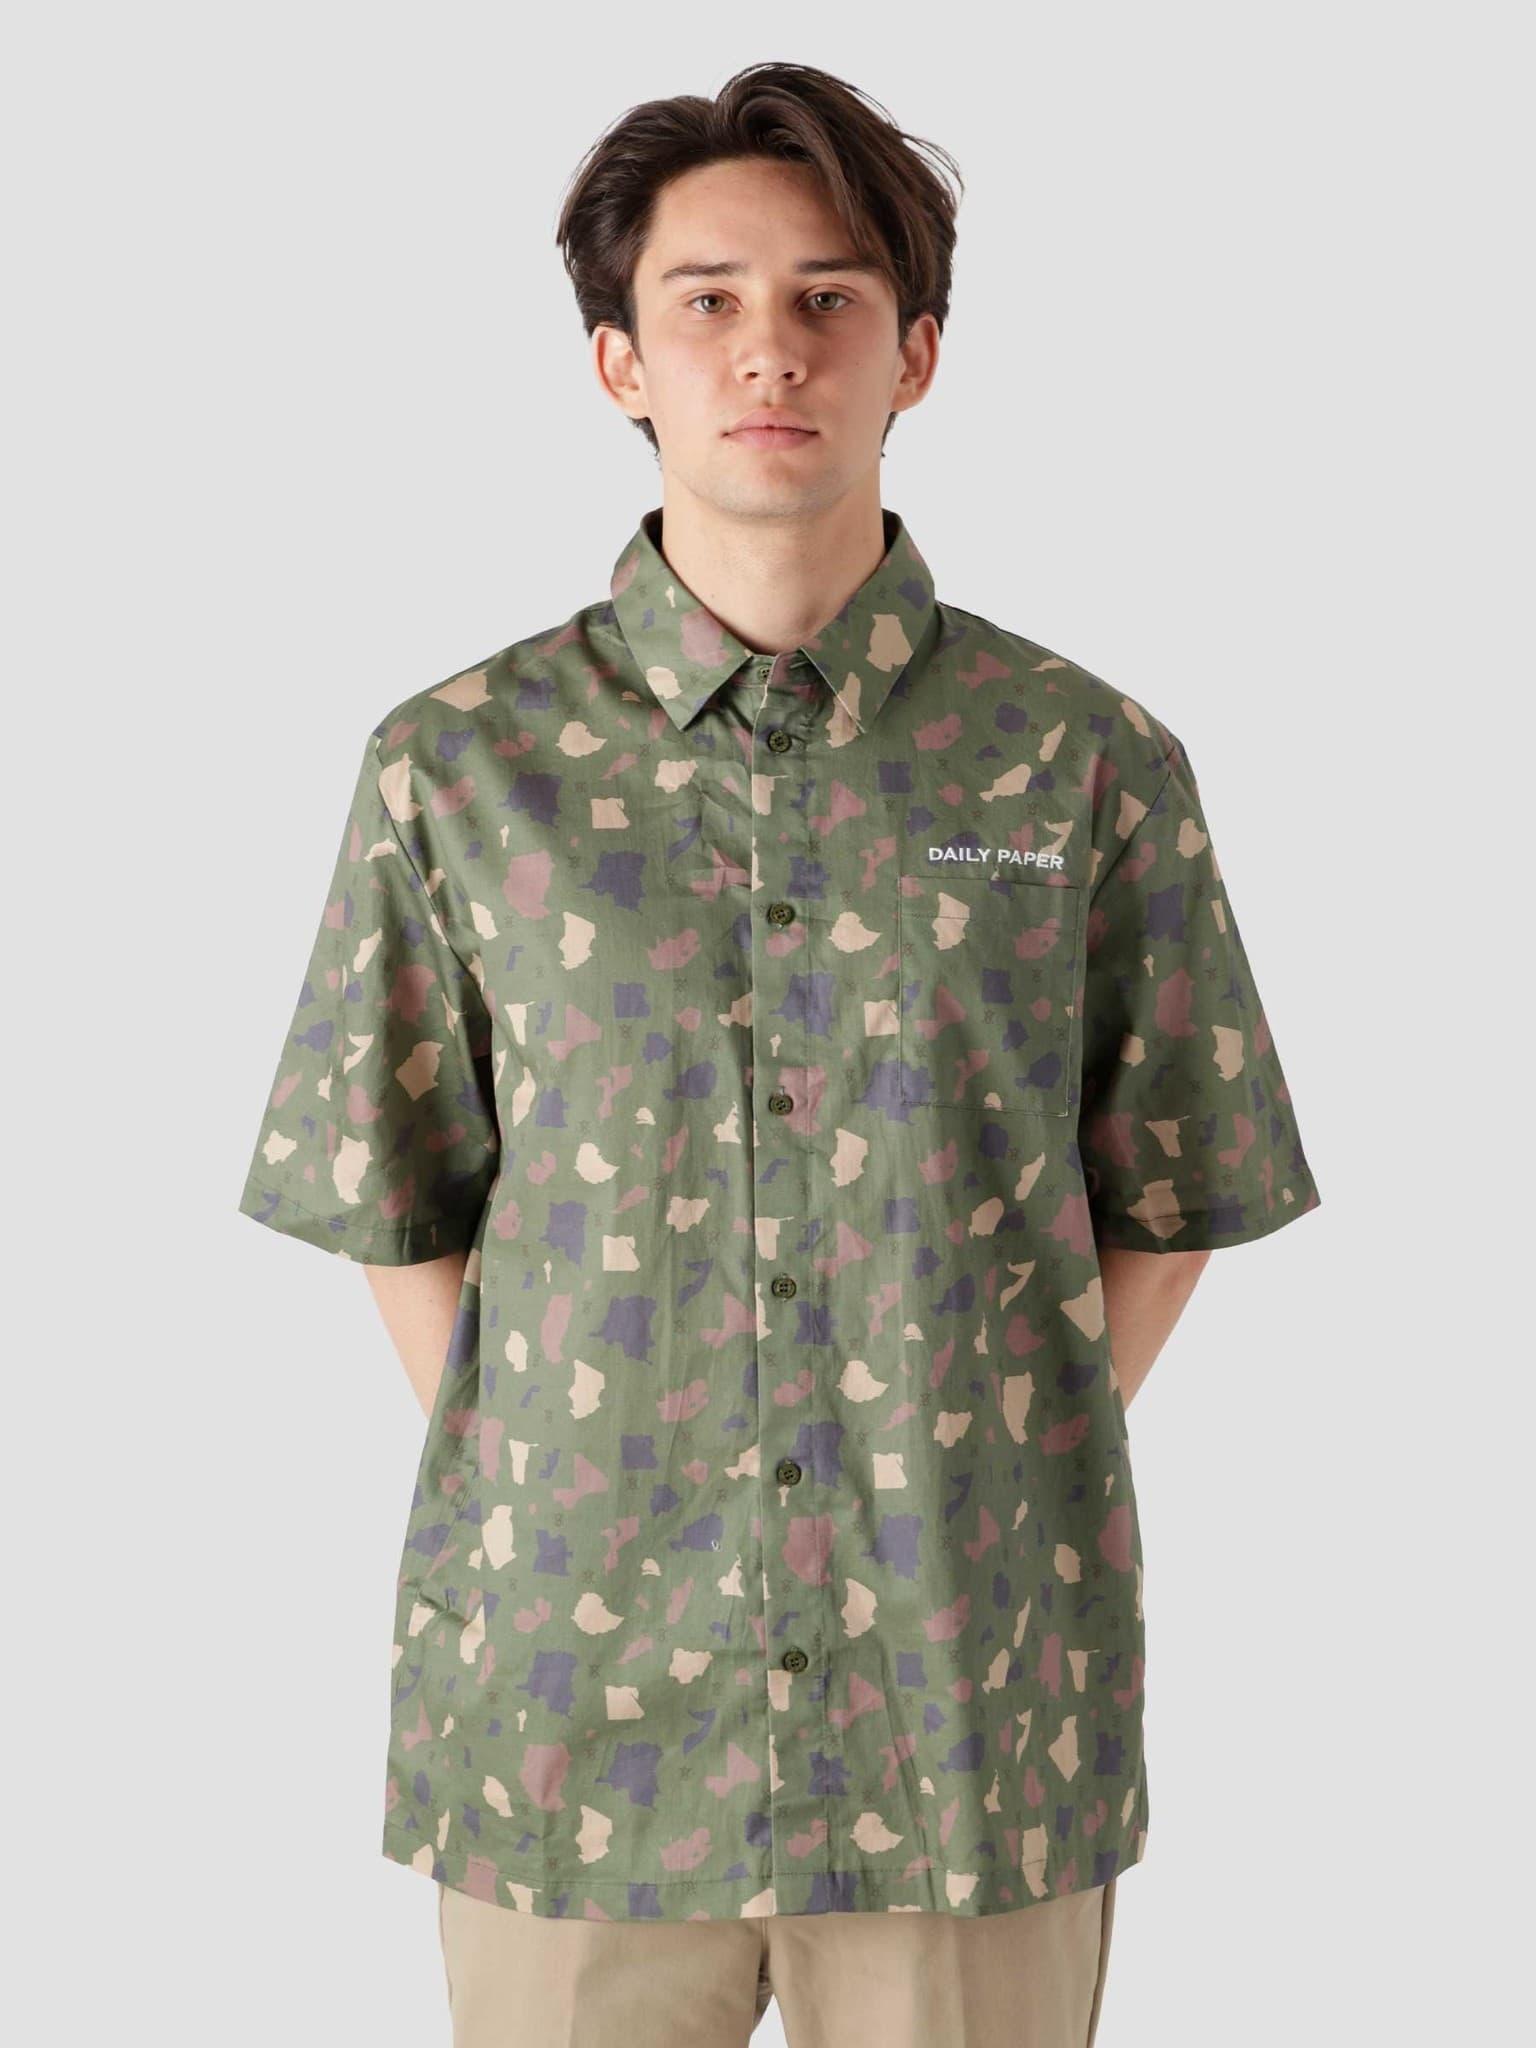 Recomo Shirt Green Camo 2113006